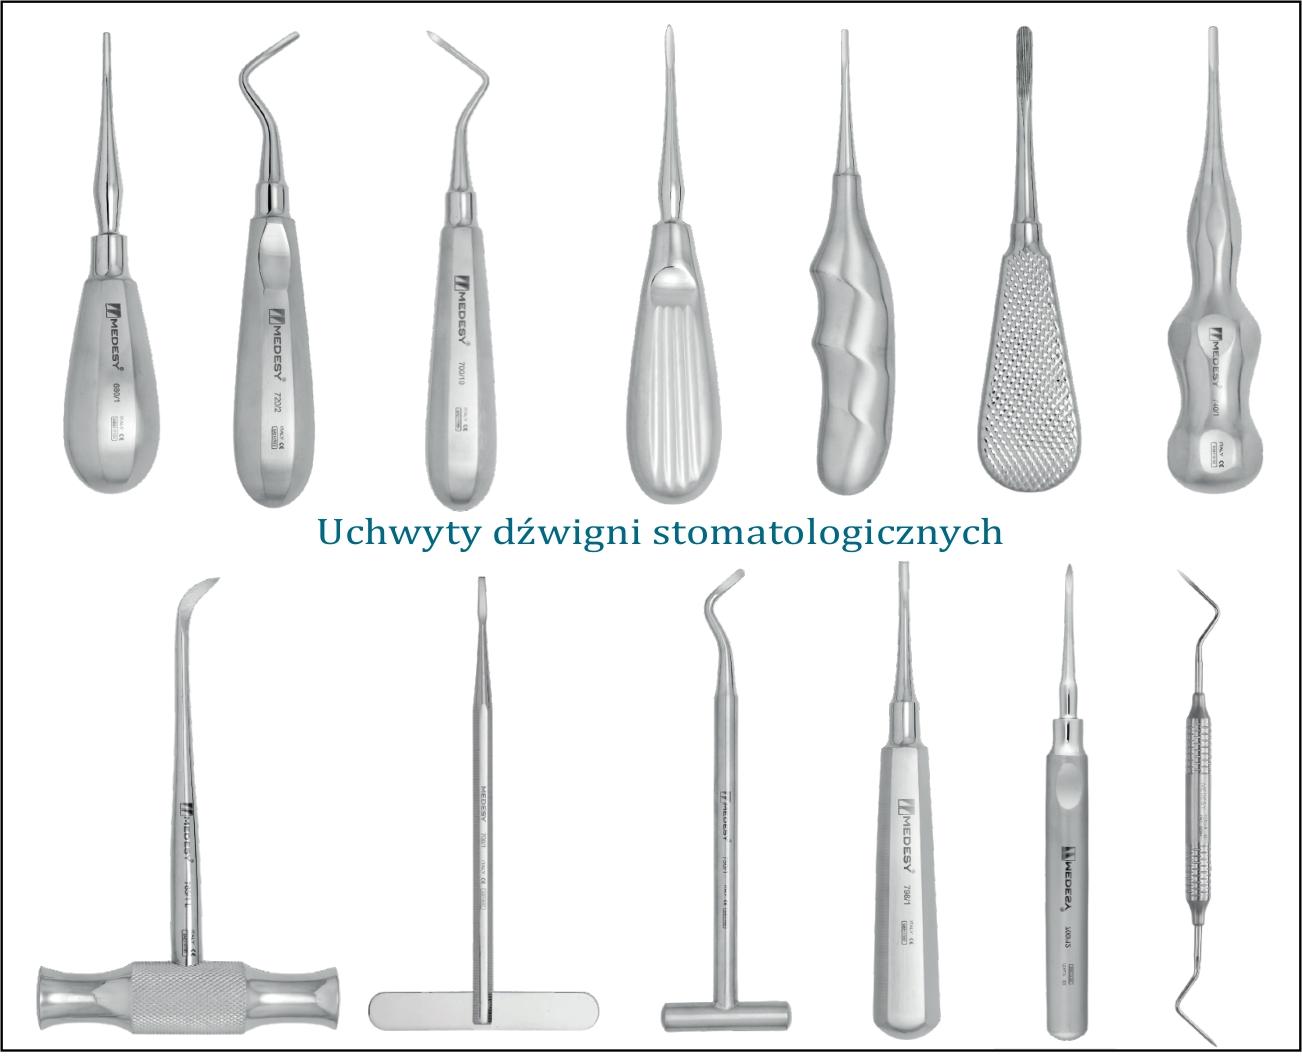 Dźwignia stomatologiczna - uchwyty